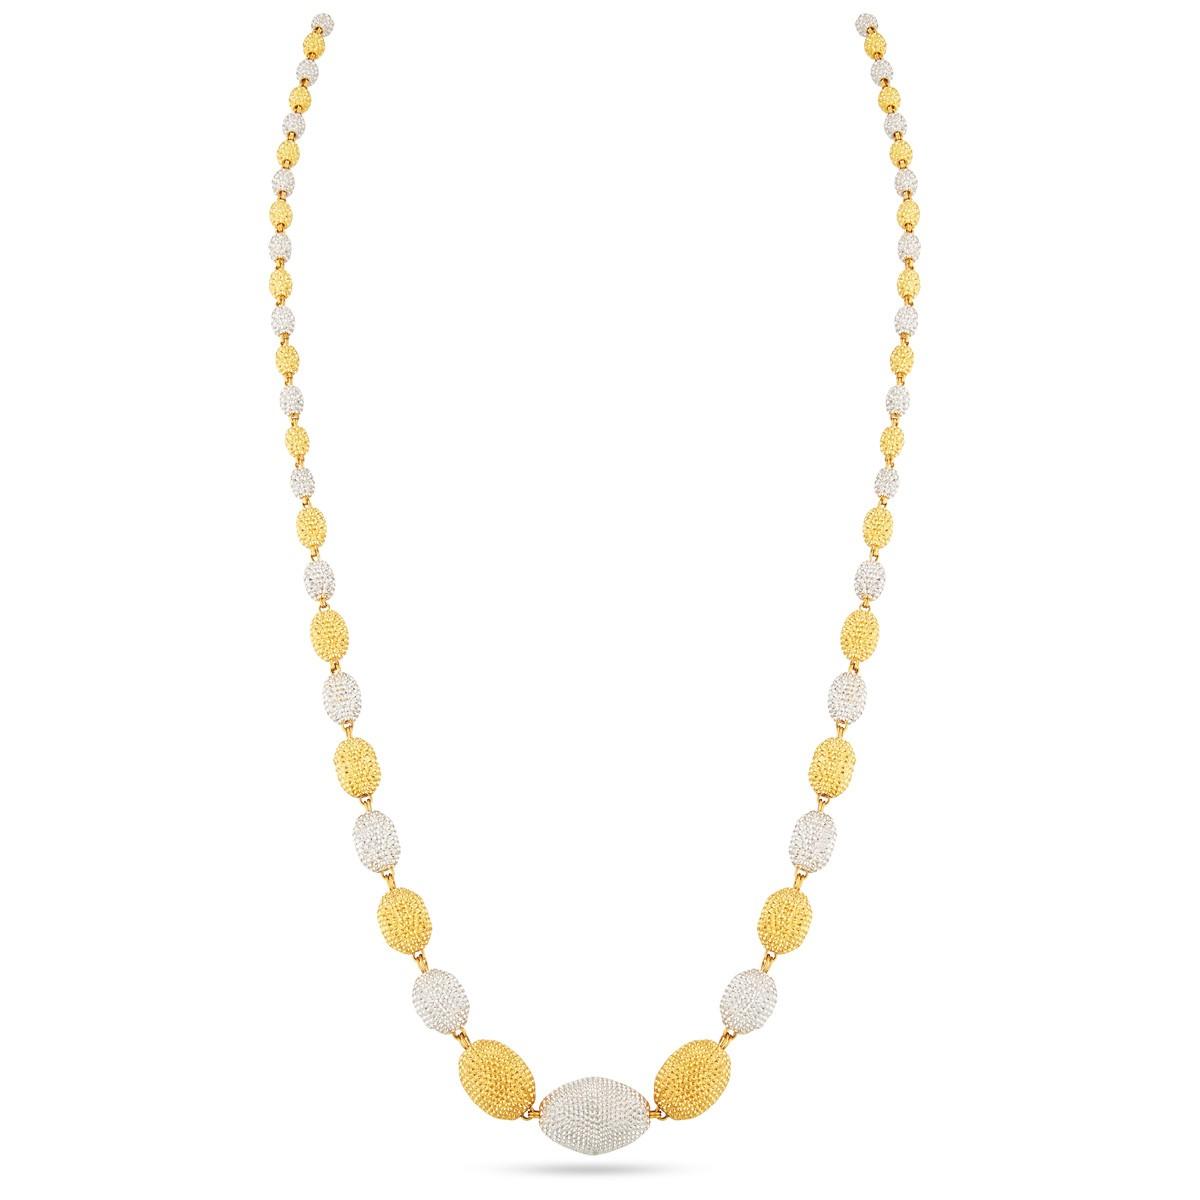 Fancy Rajkot Gold Chain | Bright Rhodium Gold Chain | Designer ...